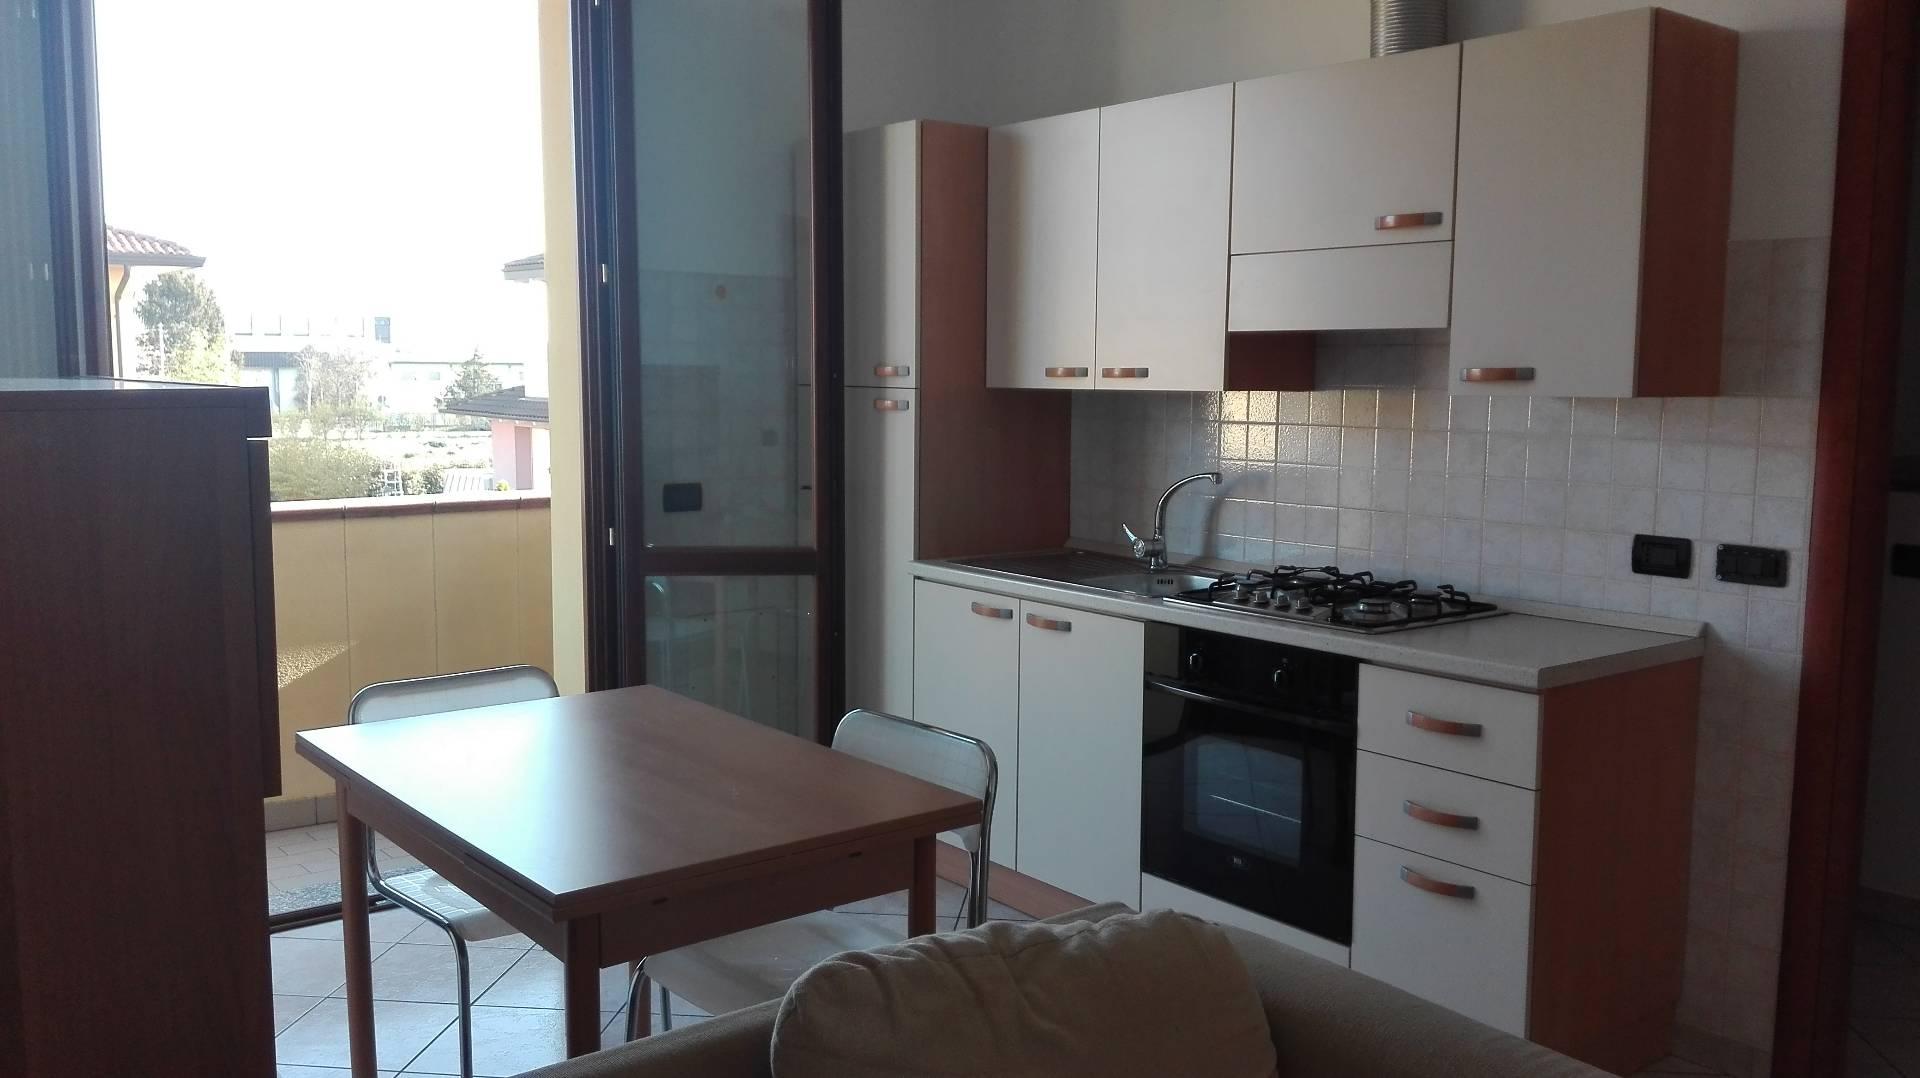 Villa in vendita a Sant'Agata sul Santerno, 4 locali, prezzo € 105.000 | CambioCasa.it